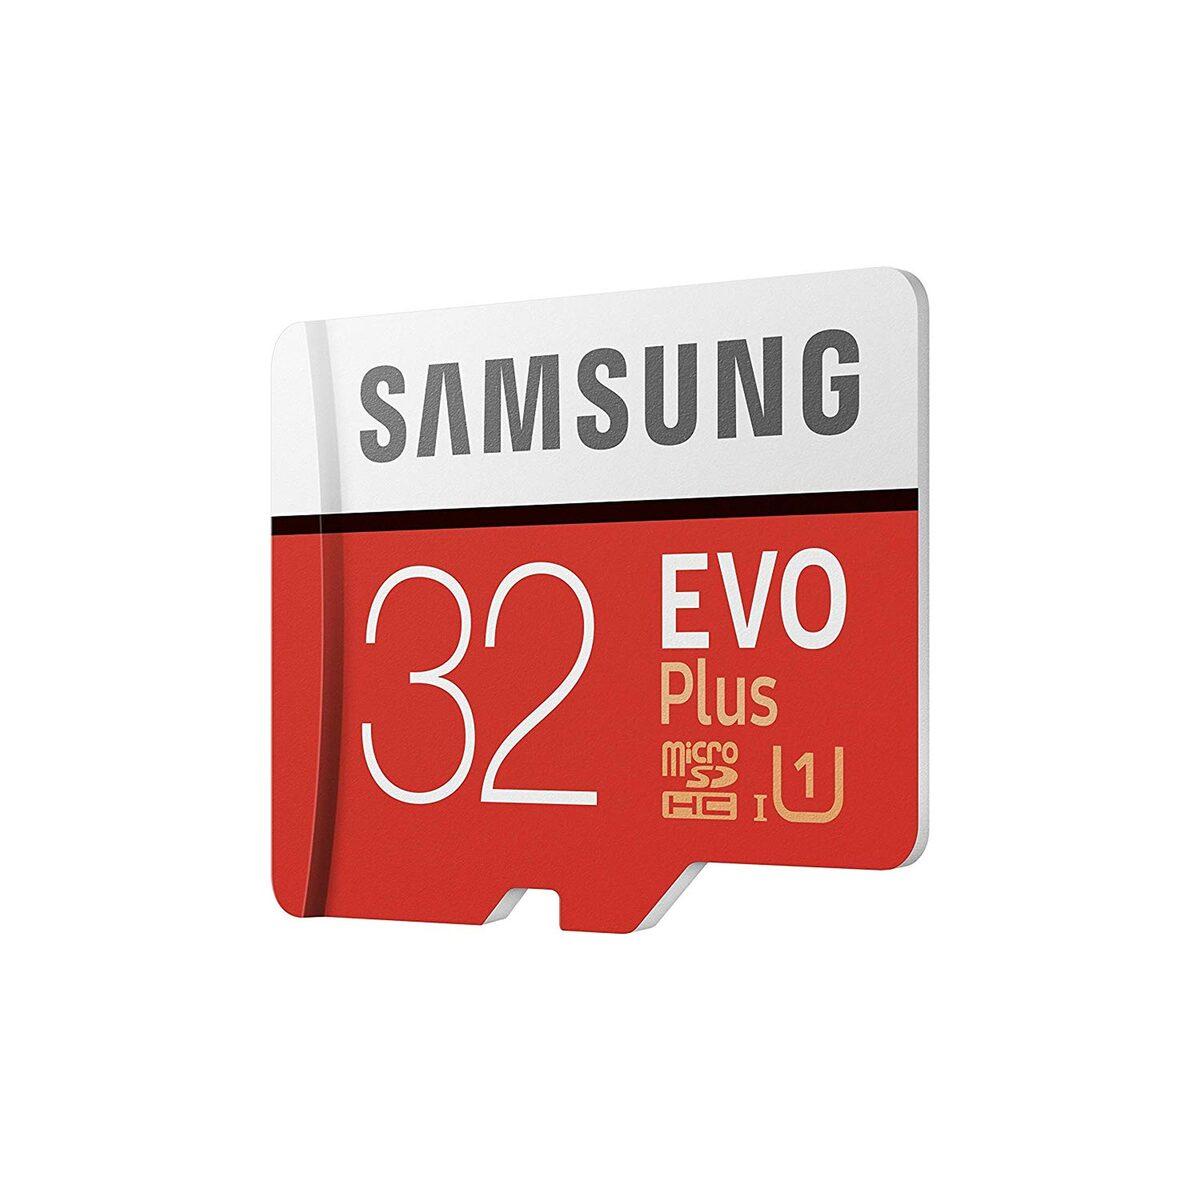 Bild 4 von Samsung microSD EVO Plus + SD Adapter »Geeignet für 4K UHD Super Slow Motion Aufnahmen«